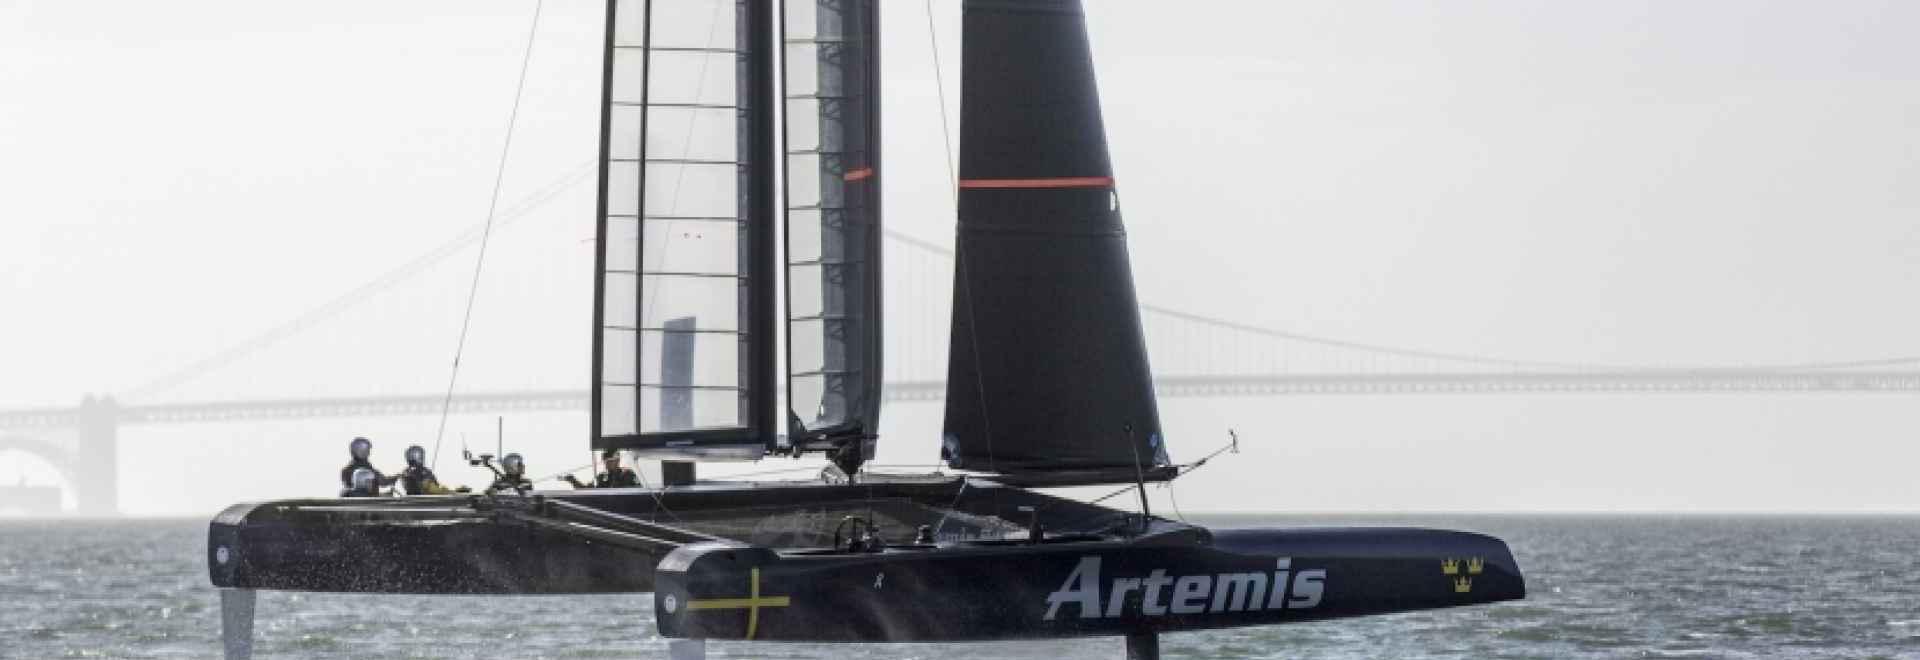 Artemis emballant le foiler de la session AC45 d'essai. Février 2015, Alameda, Etats-Unis